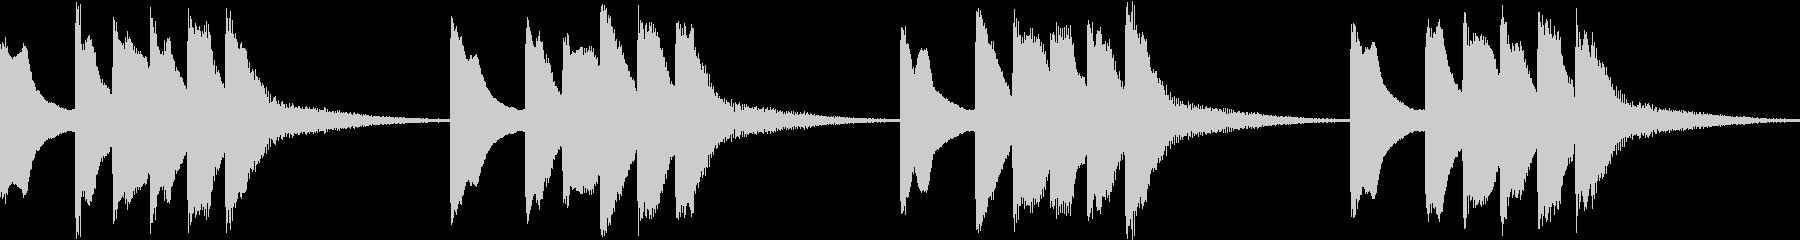 シンプル ベル 着信音 チャイム B10の未再生の波形